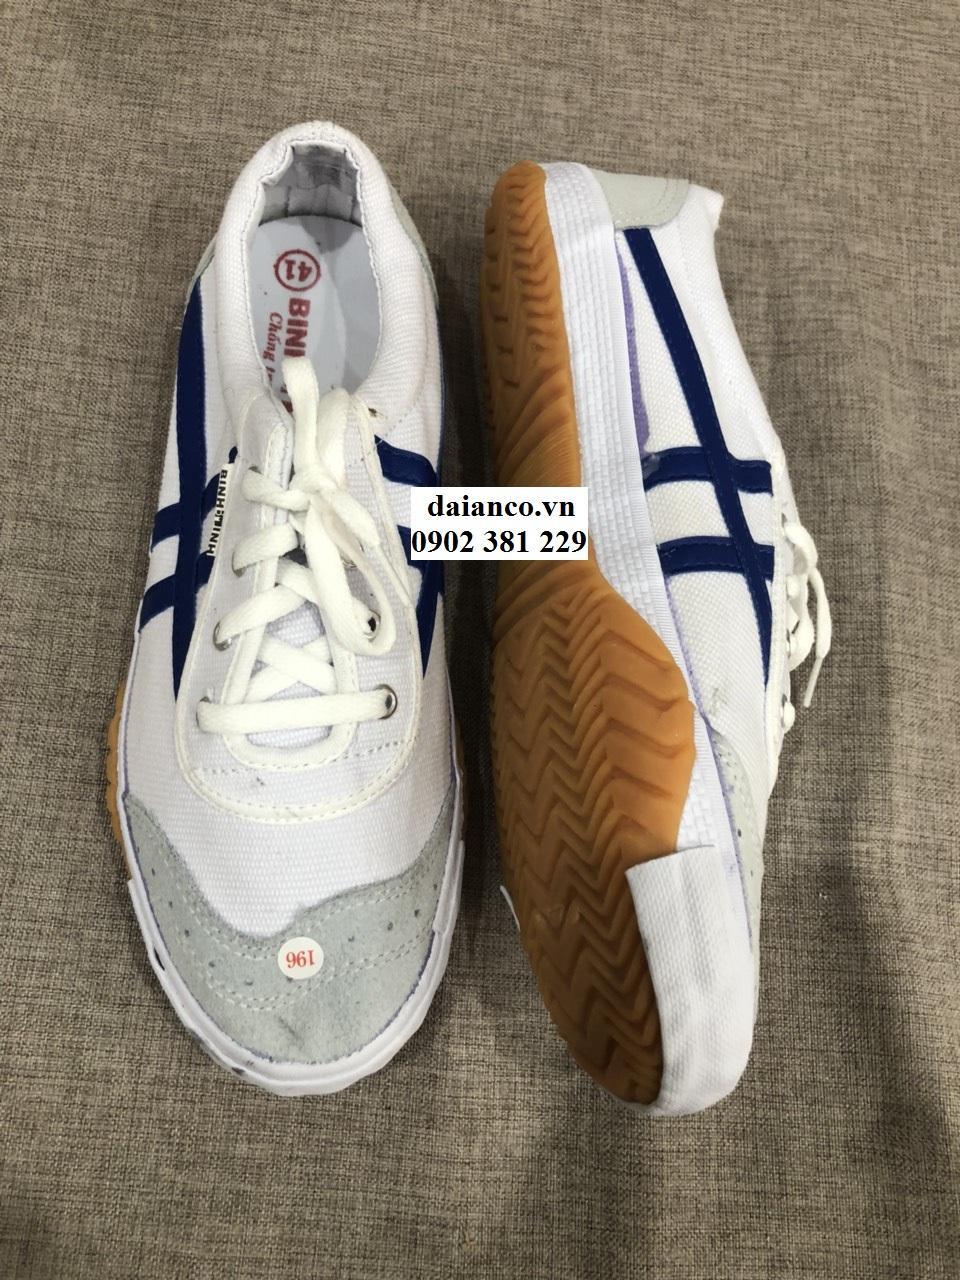 Giày vải bata trắng sọc xanh Bình Minh